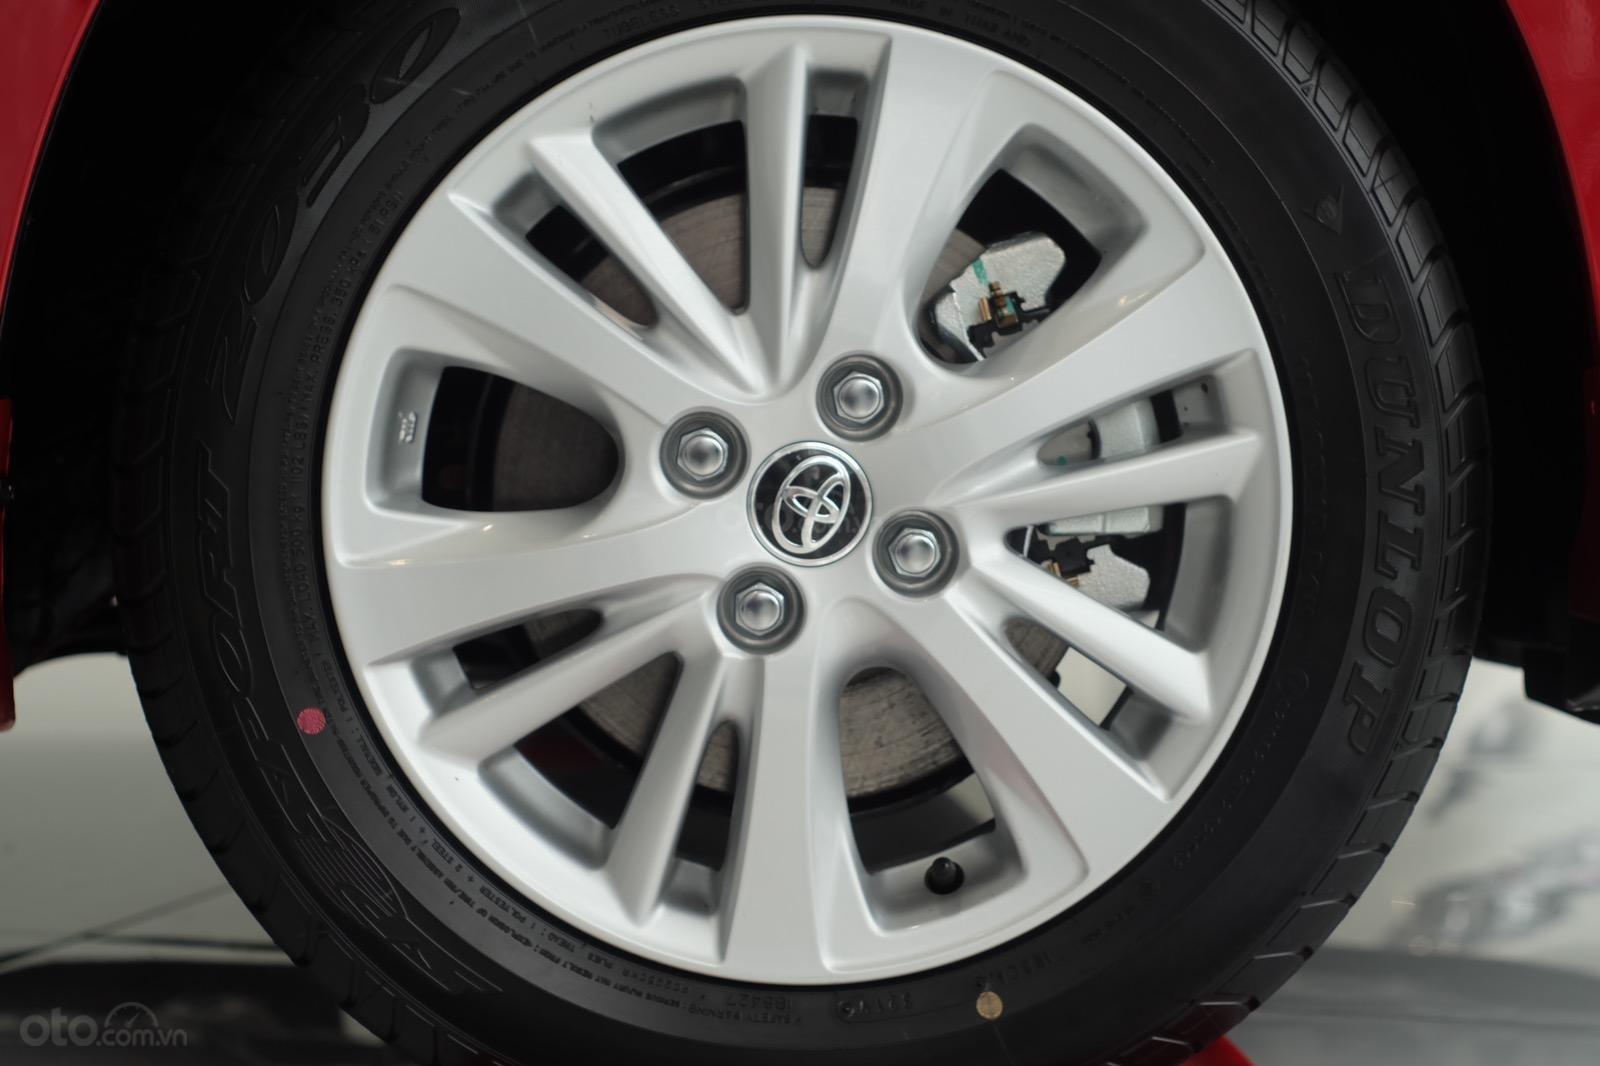 Toyota Vios G 2021, giá tốt - khuyến mãi lớn, hỗ trợ ngân hàng - lãi suất thấp (6)